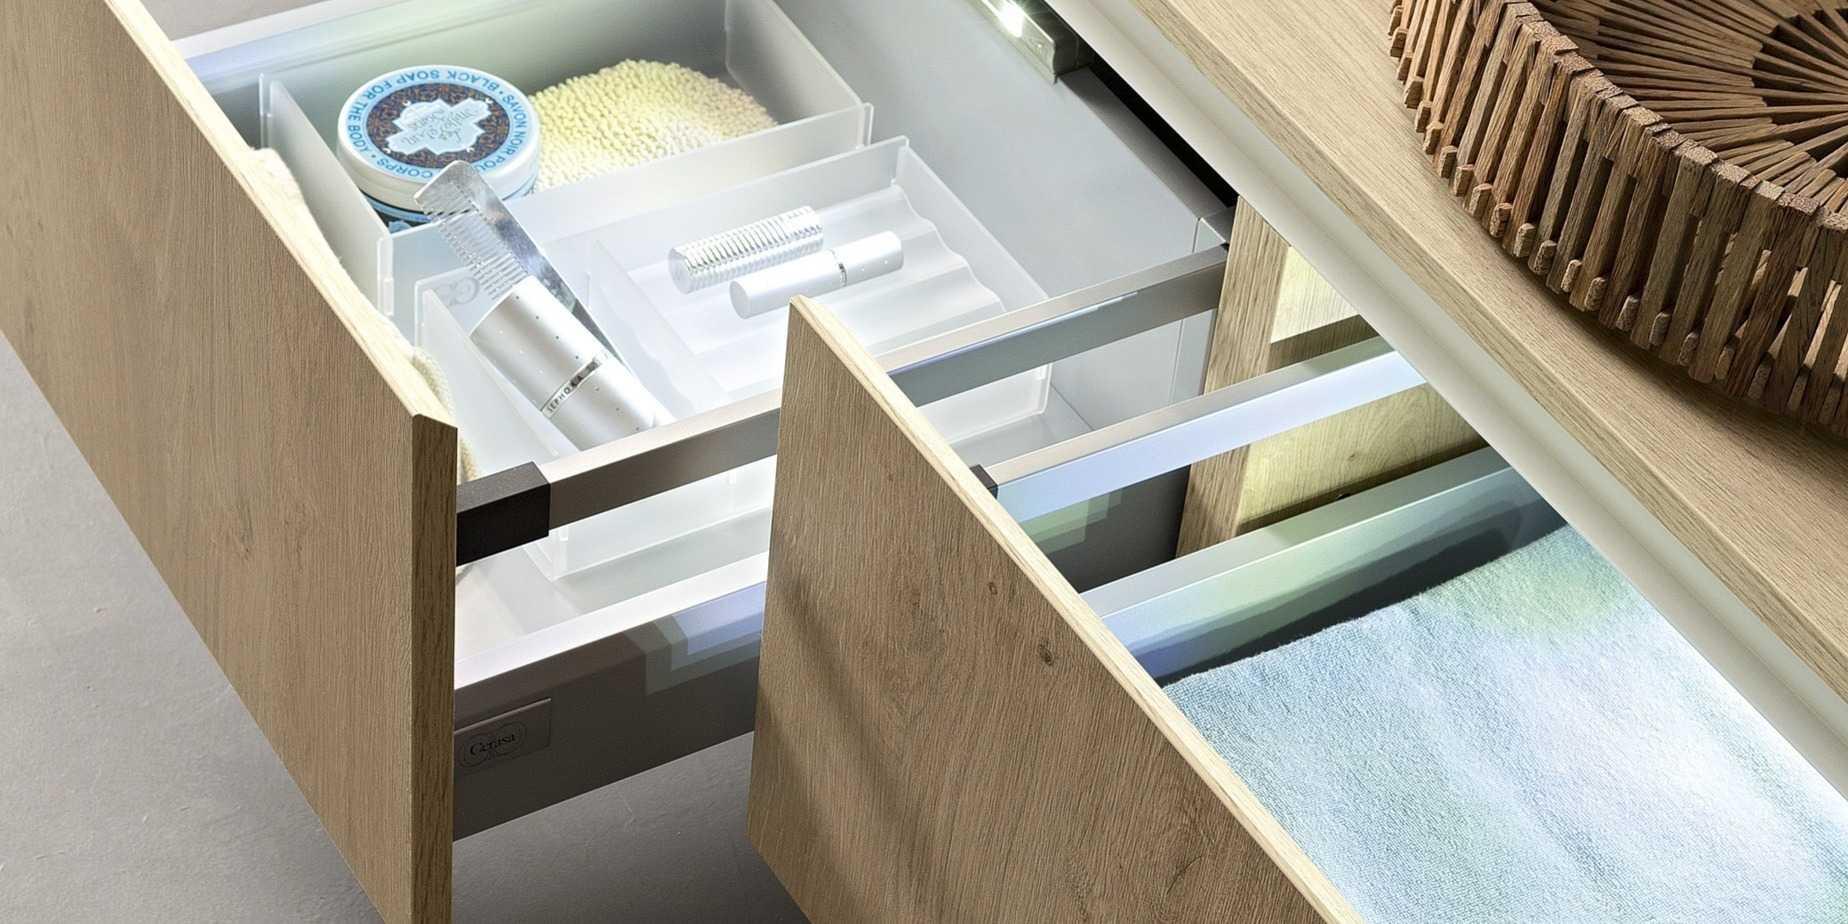 Salle de bain quip e kubbe cuisine arras for Salle de bain equipee